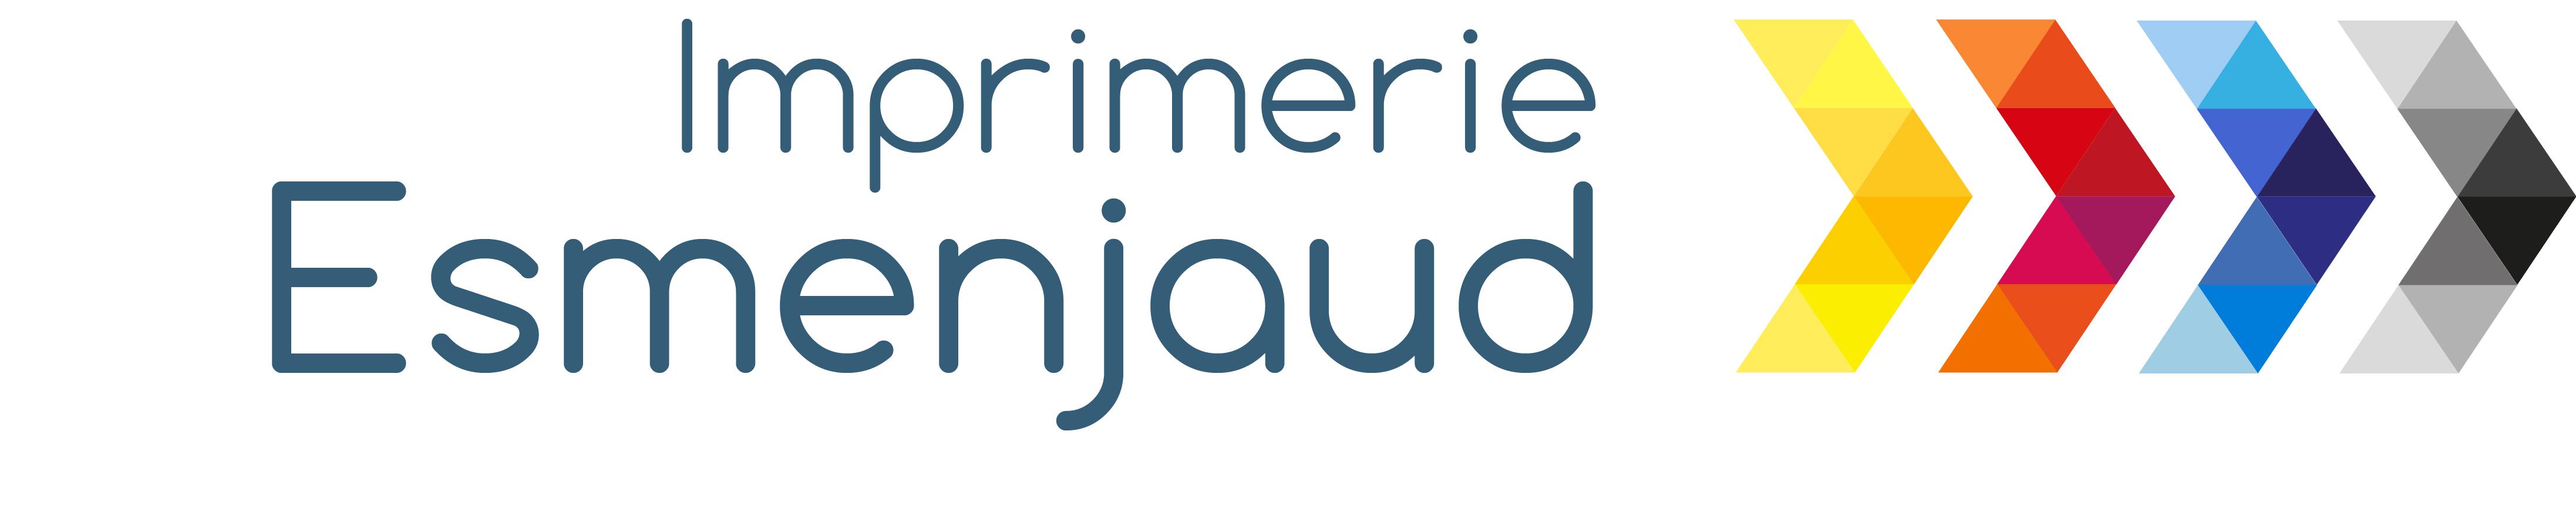 Imprimerie Esmenjaud, l'imprimeur qui s'adapte à tous vos besoins